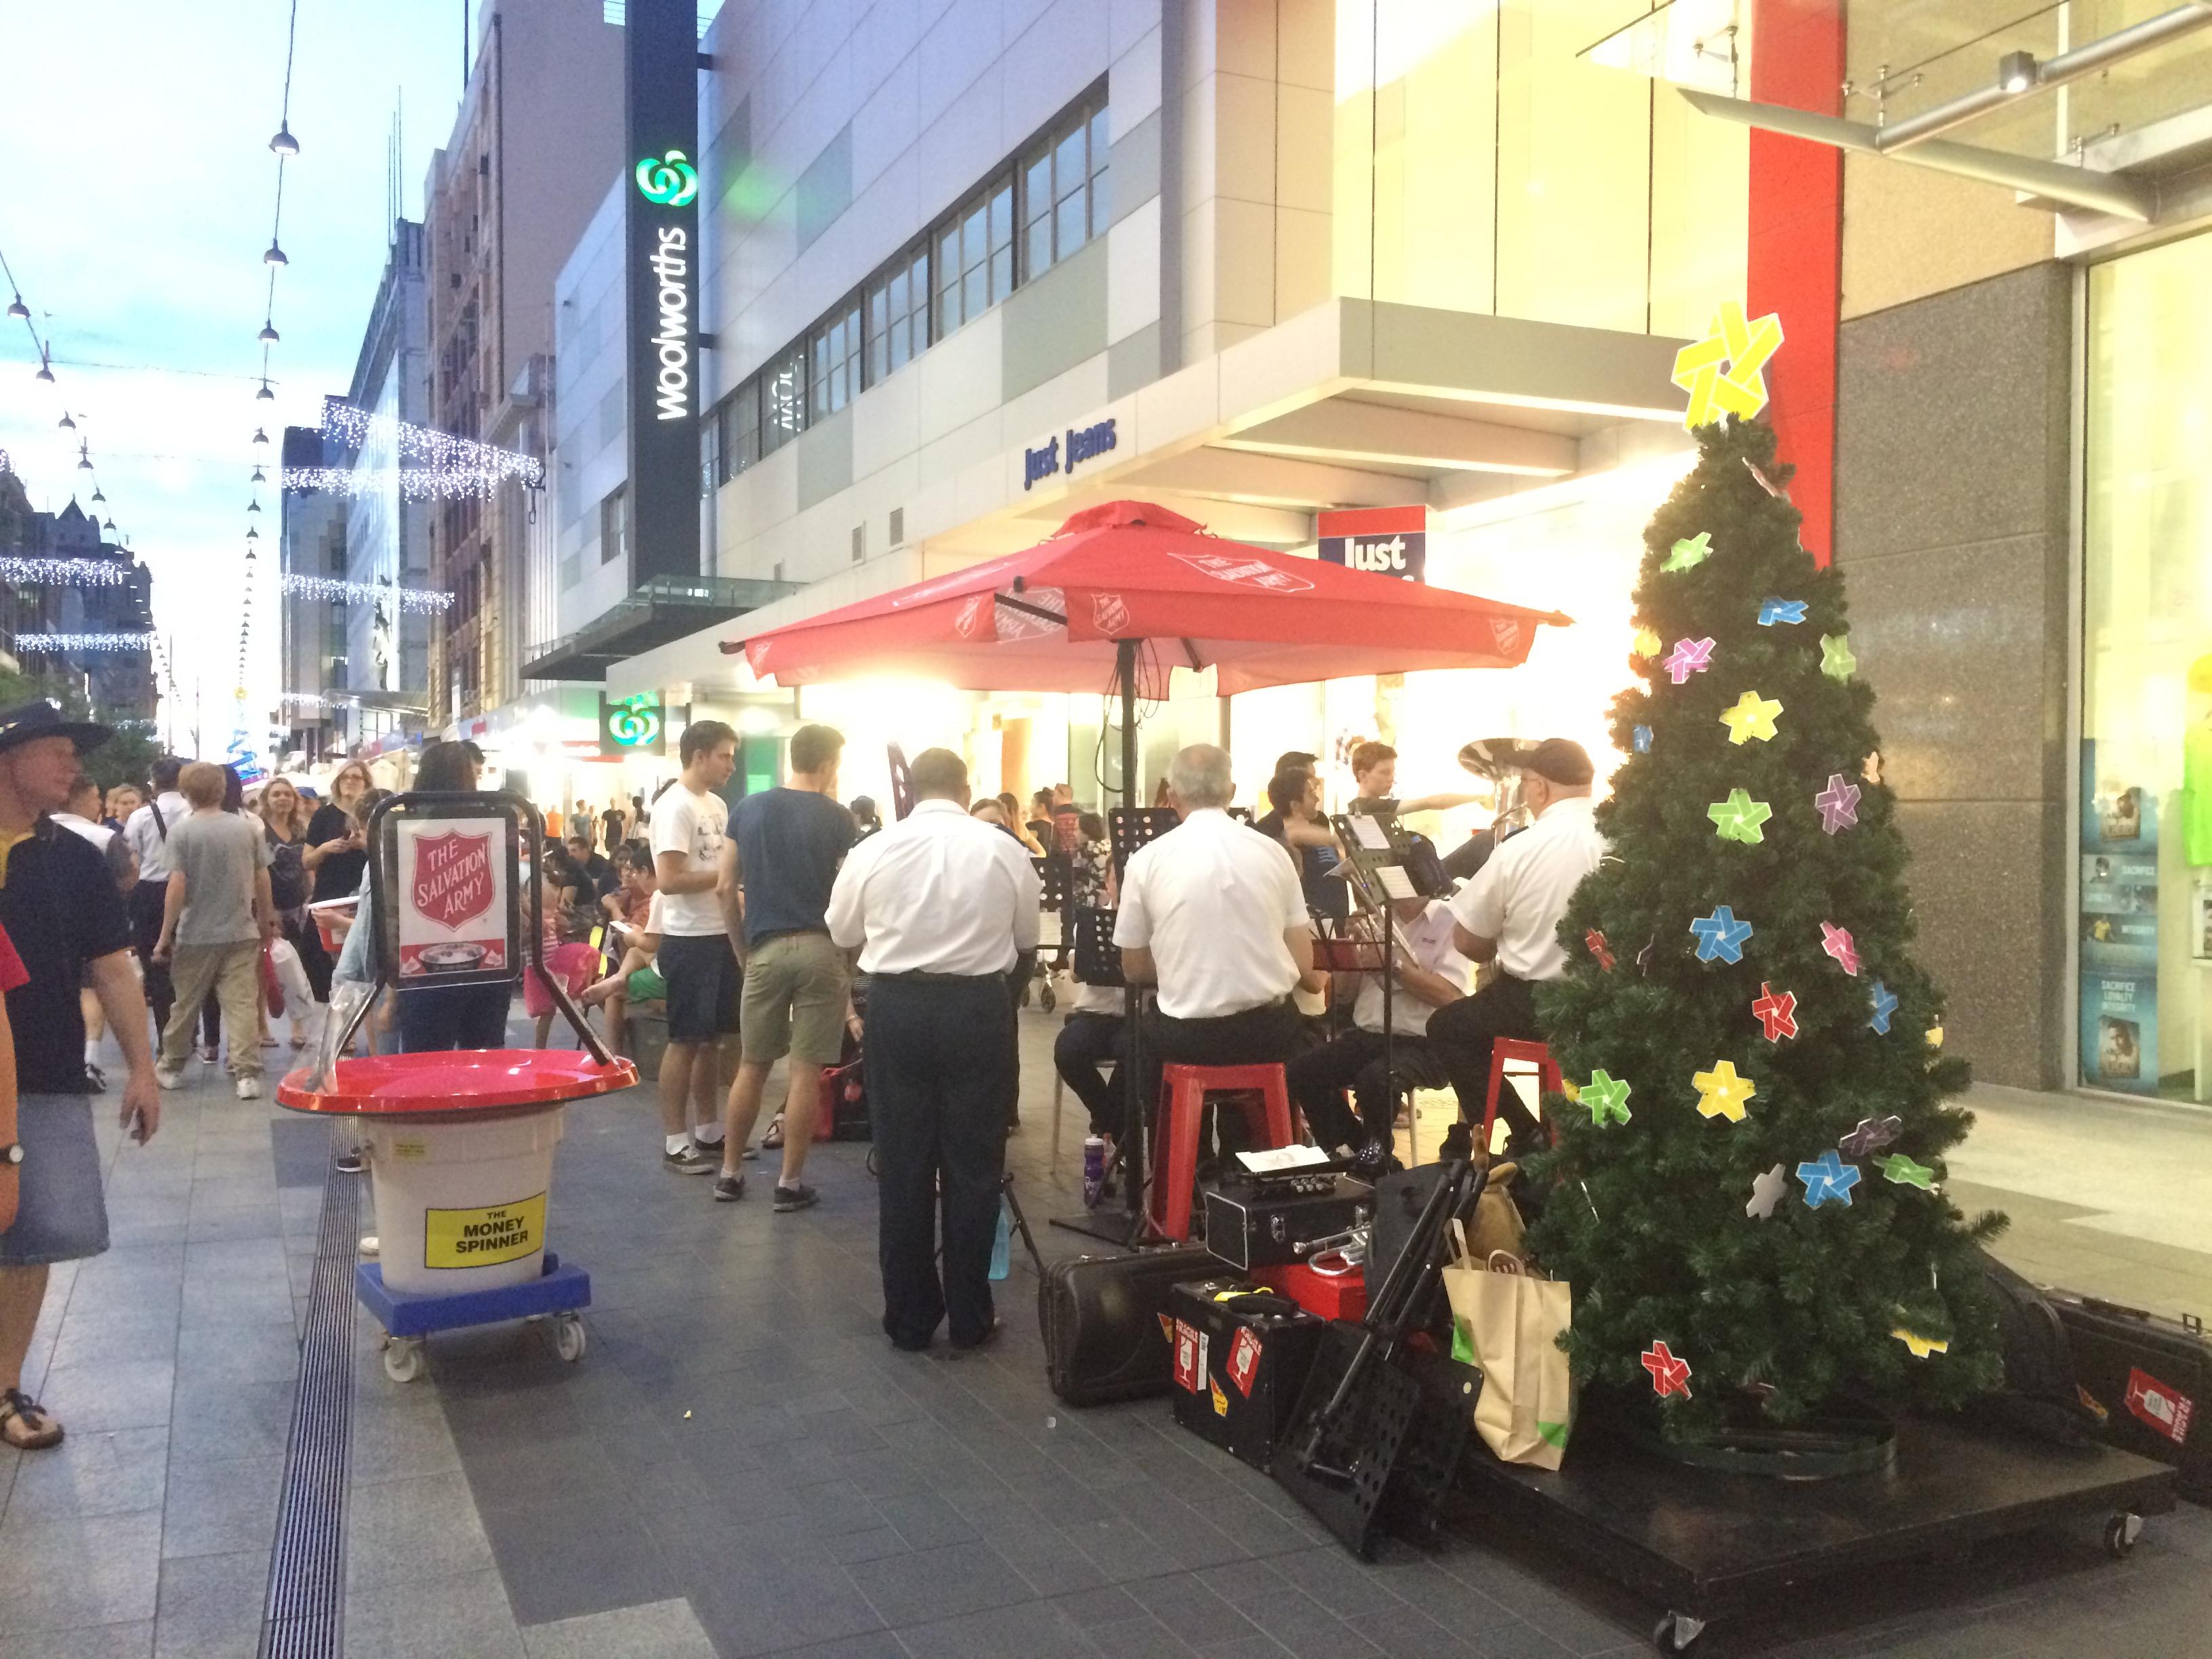 クリスマスシーズンに楽器で本格的なクリスマスソングを演奏するチャリティー団体。